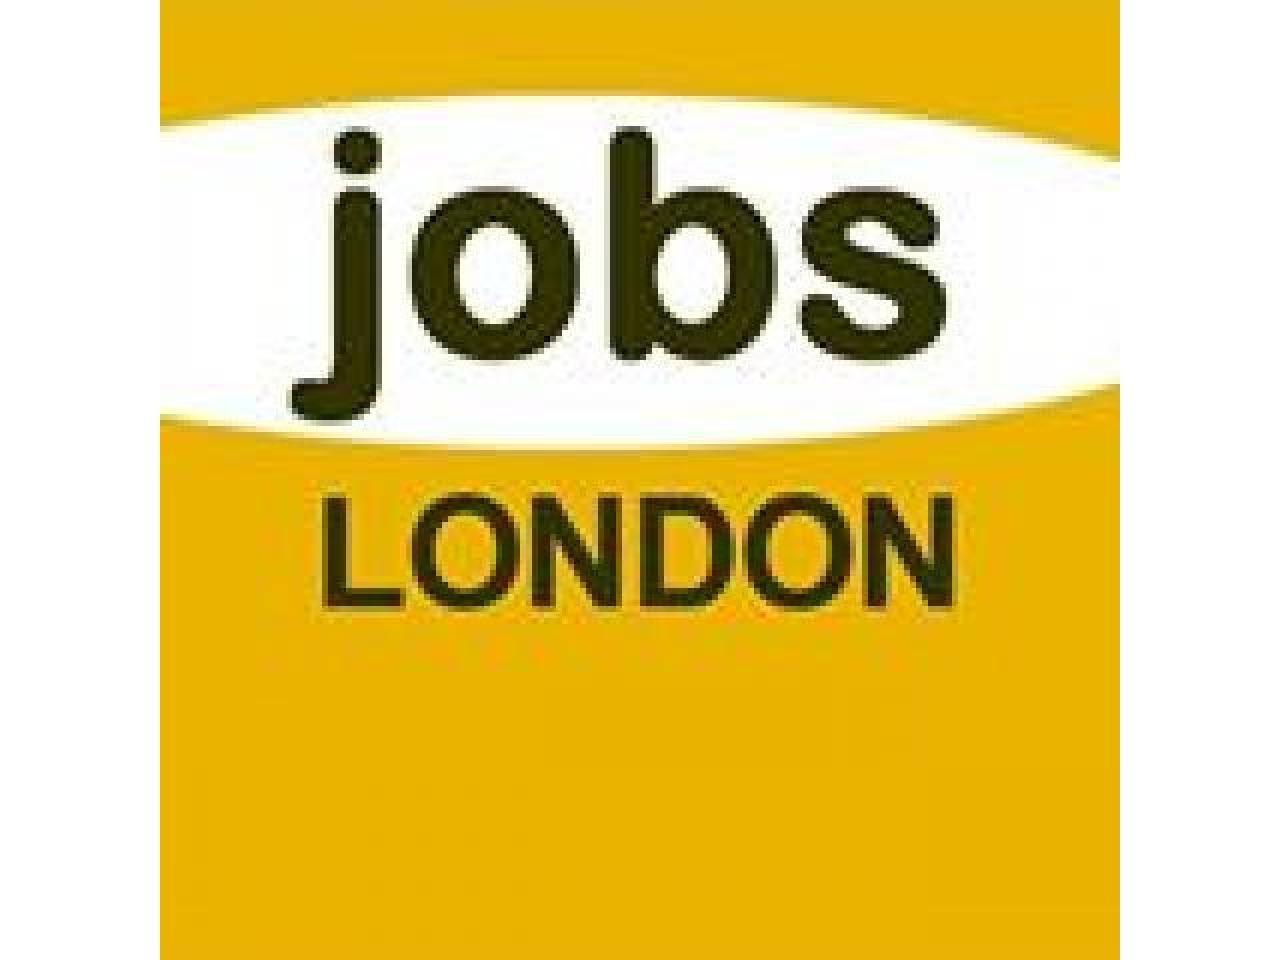 Требуются работники на разные вакансии в Лондоне,трудоустраиваем с английским и без. - 1